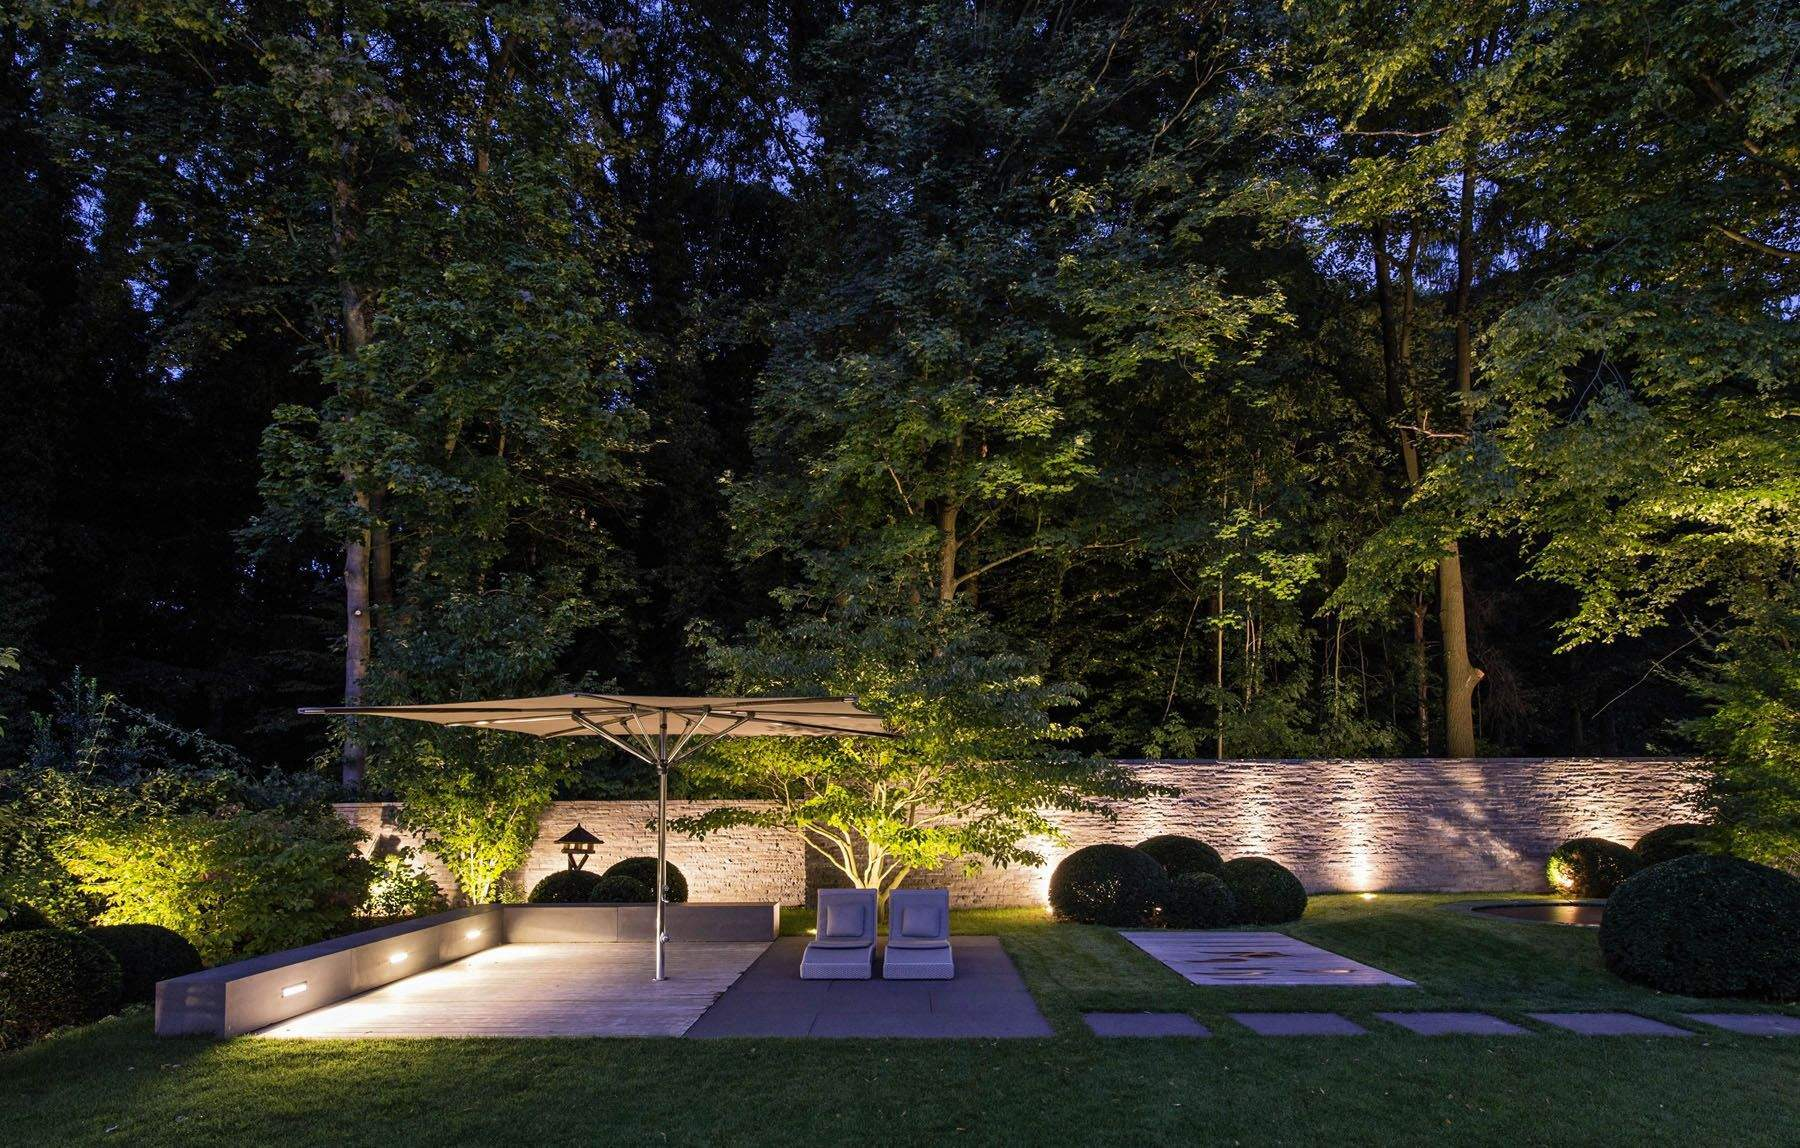 Beleuchtung Im Garten Frisch 29 Das Beste Von Licht Garten Schön